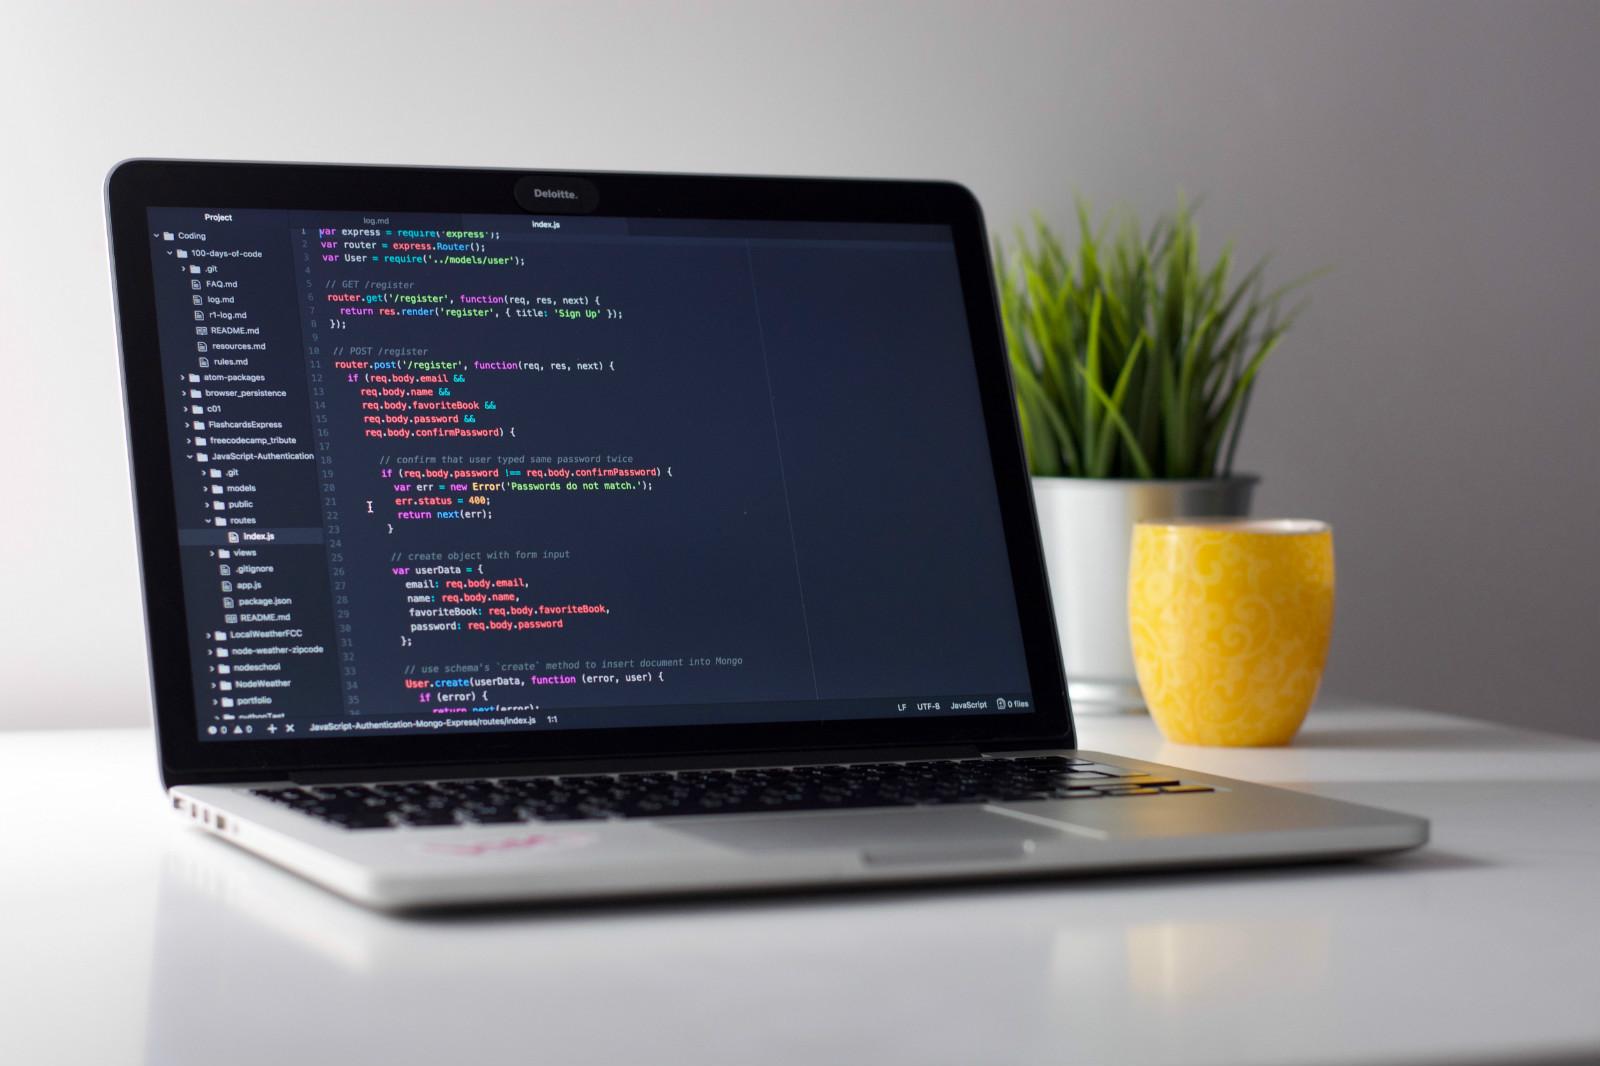 【ToB观察】借助青立方Qing³超融合易捷版,中小企业如何实现数字化转型?